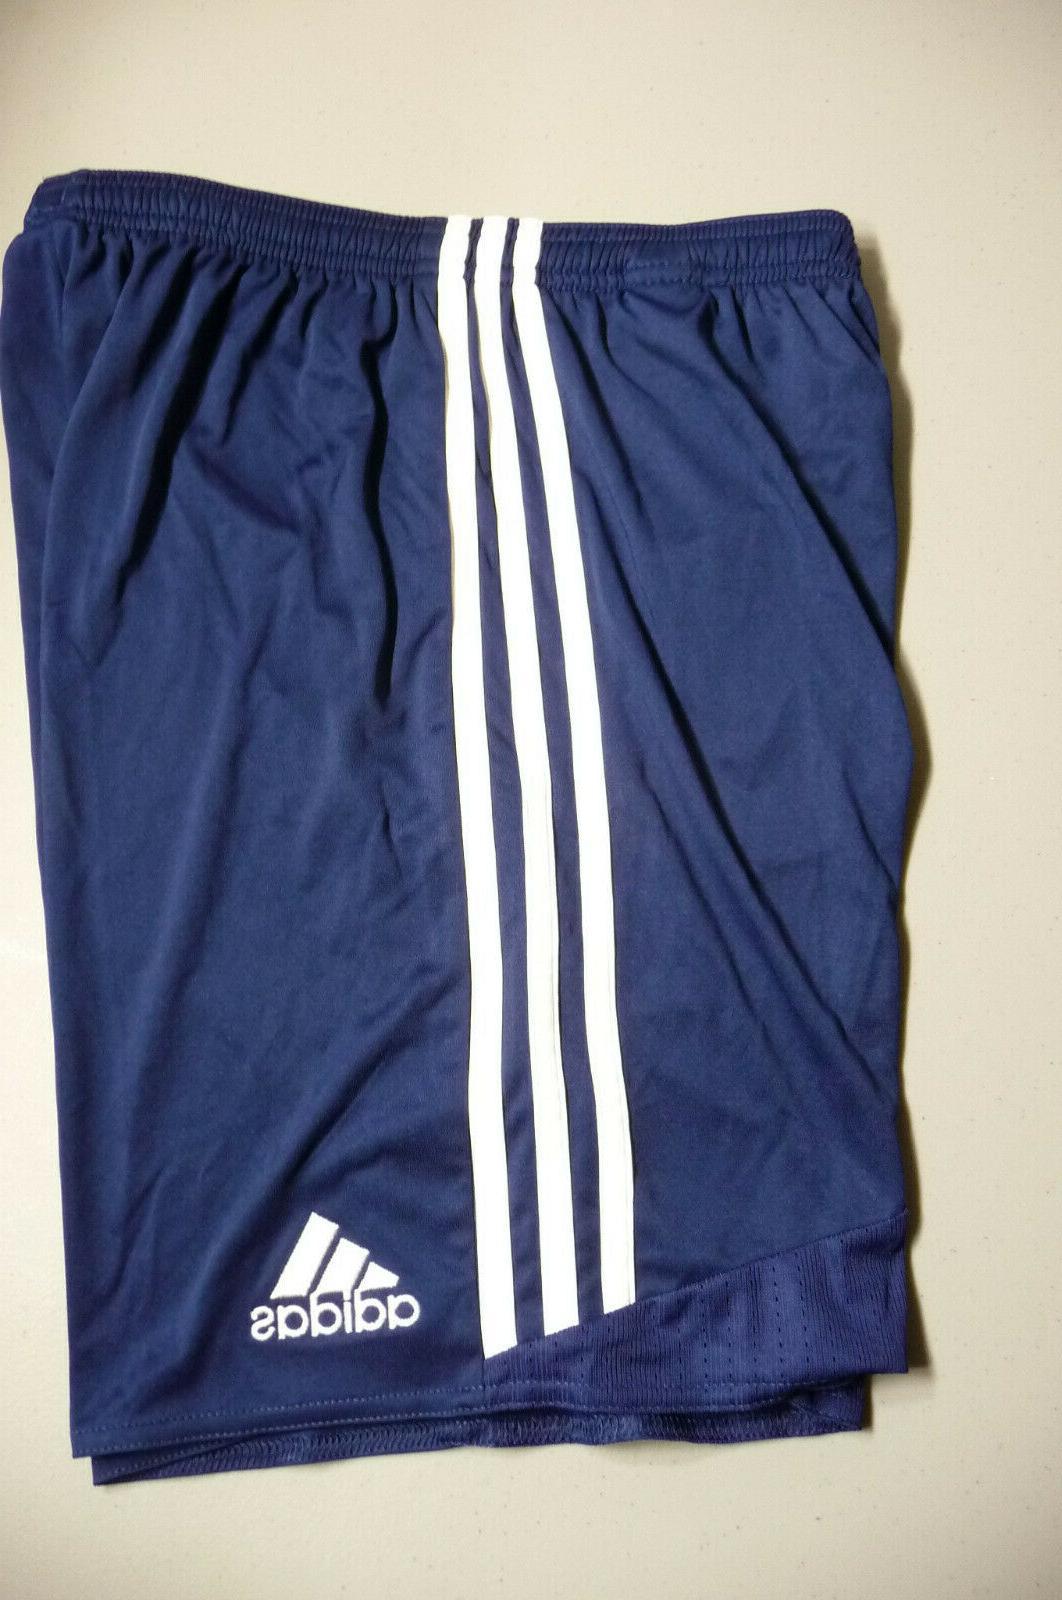 youth boys soccer shorts regista 16 various